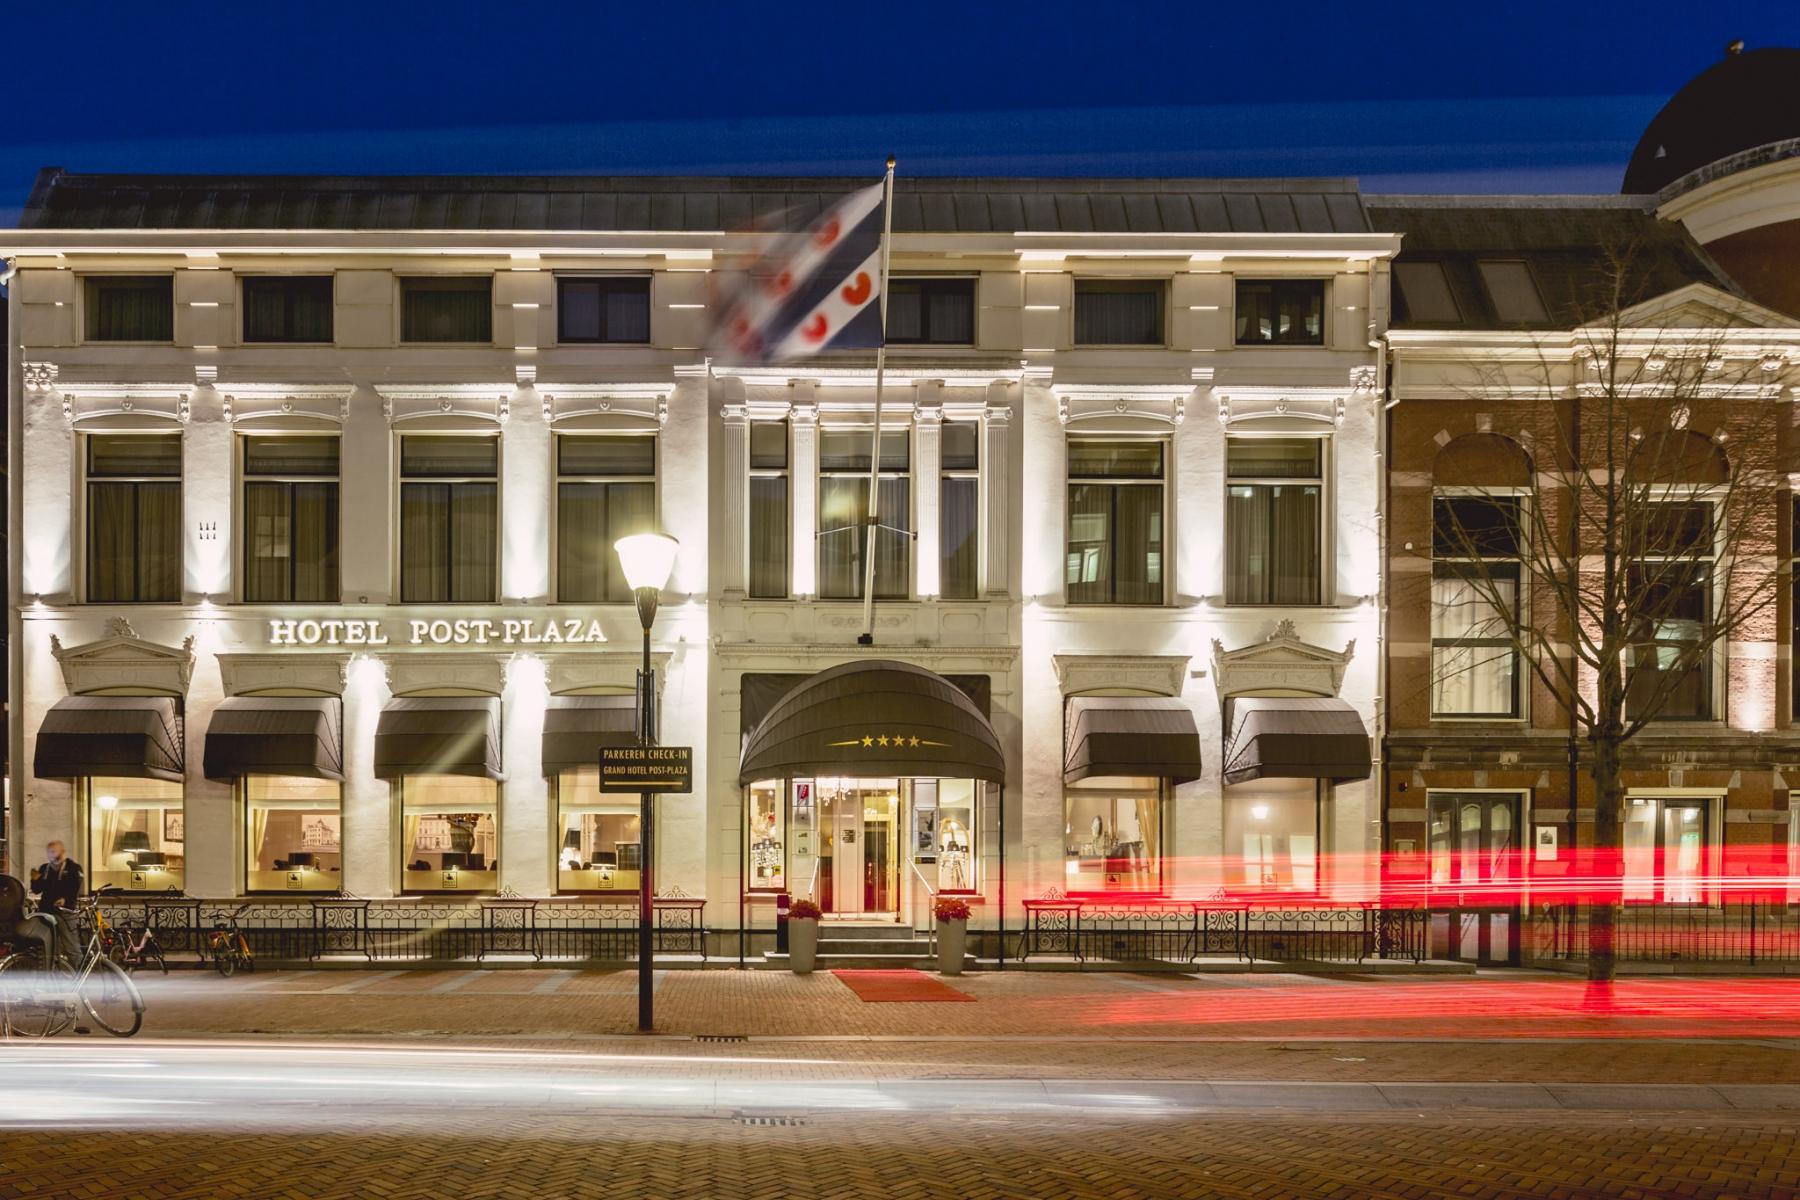 Luxe Badkamer Hotel : Wil jij ook zon luxe hotelkamer op je vakantie?